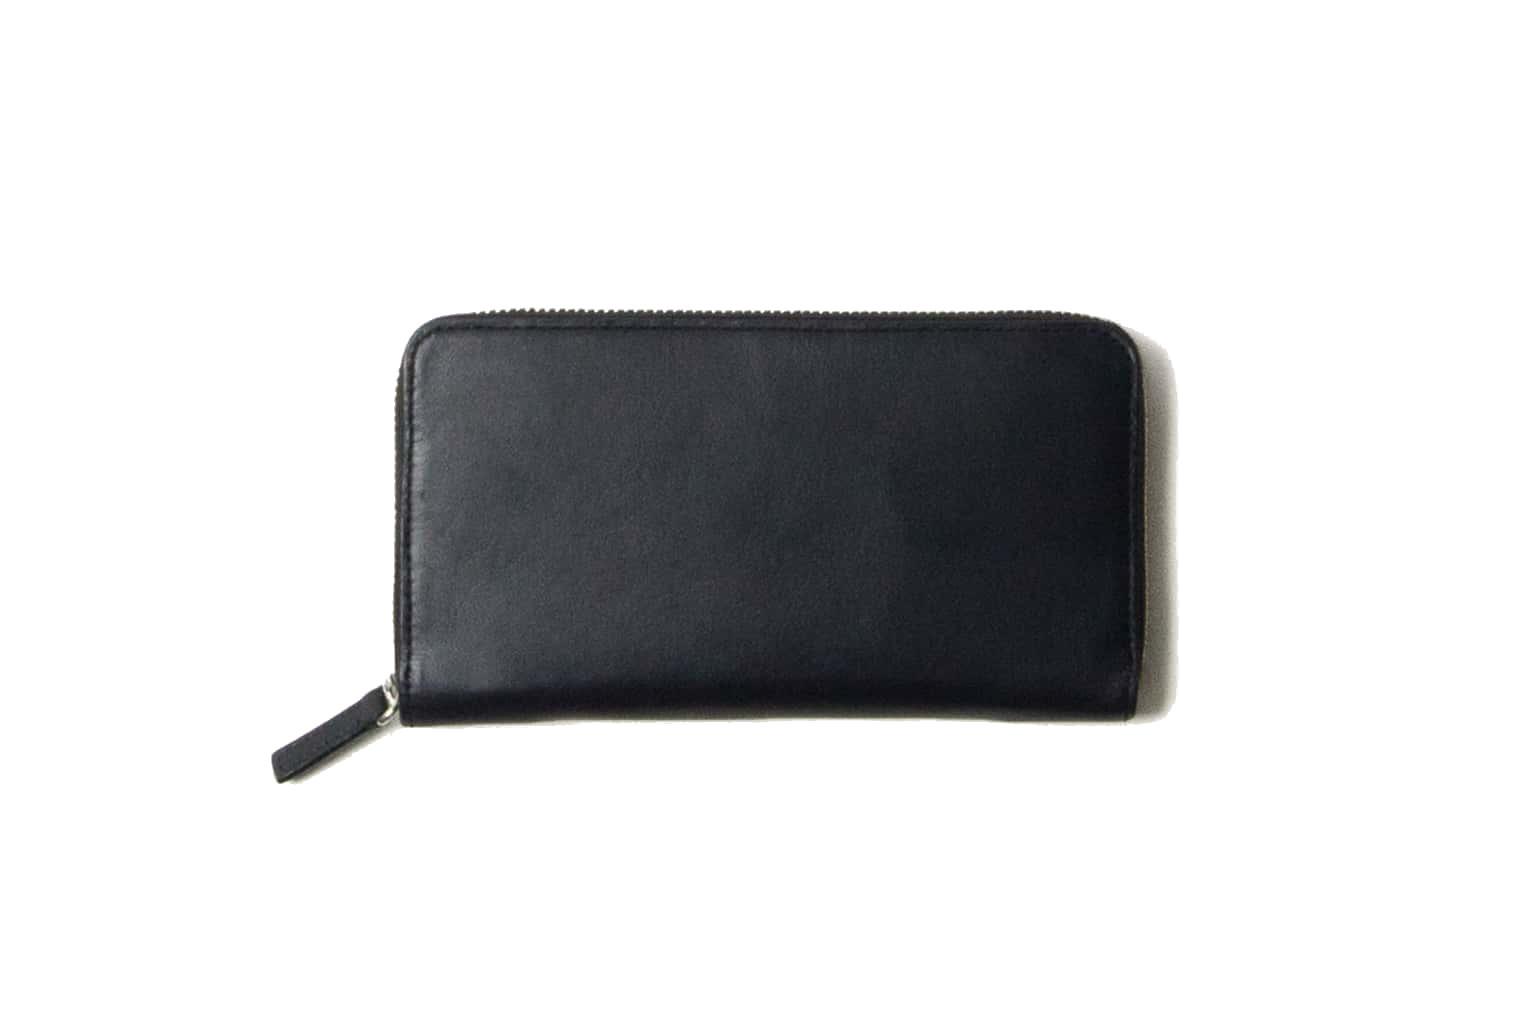 ブラックネイビー Business Leather Factory(ビジネスレザーファクトリー) 長財布(ラウンドファスナー)